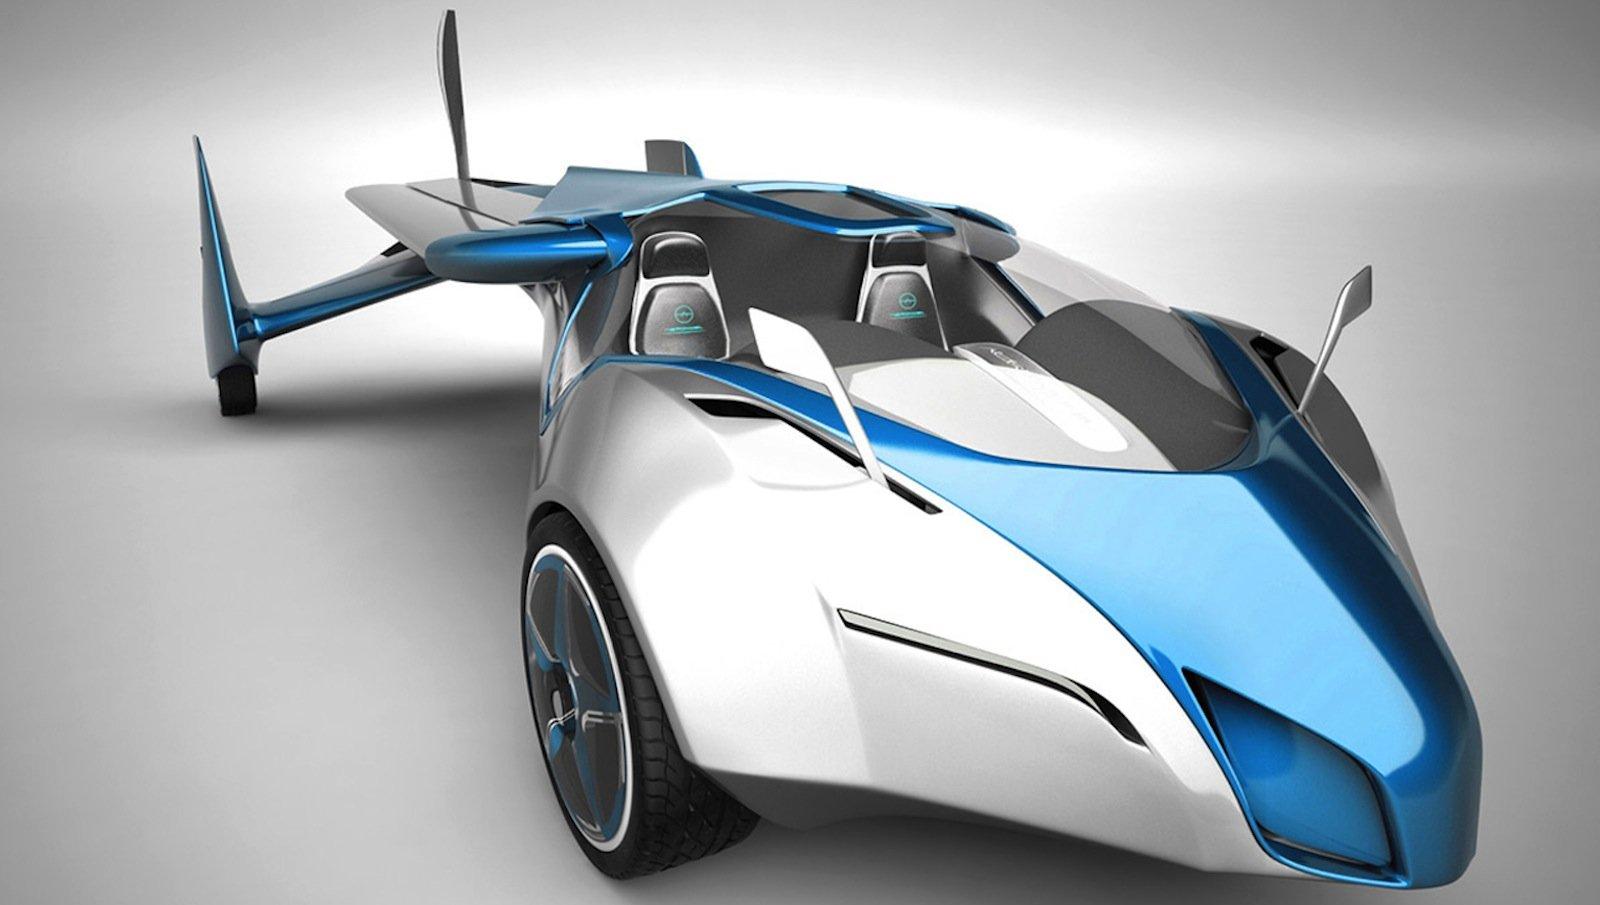 Kann auch fliegen: das Aeromobil des slowakischen Ingenieurs und Industriedesigners Stefan Klein.